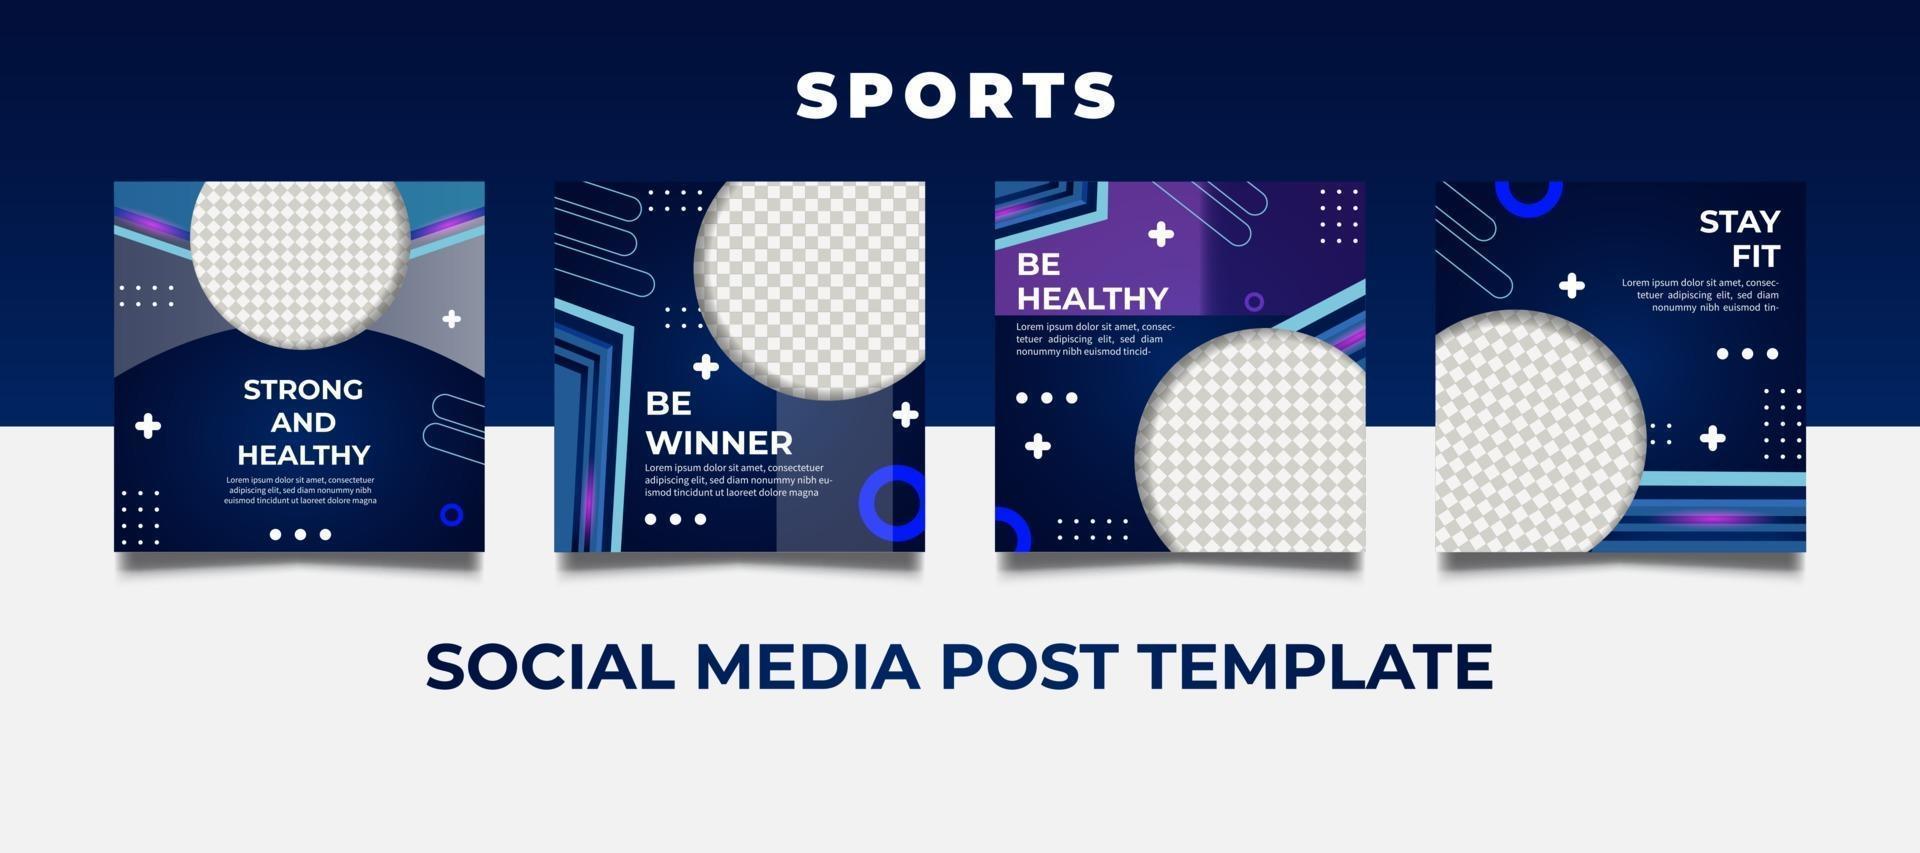 Plantillas deportivas futuristas para publicaciones en redes sociales. vector